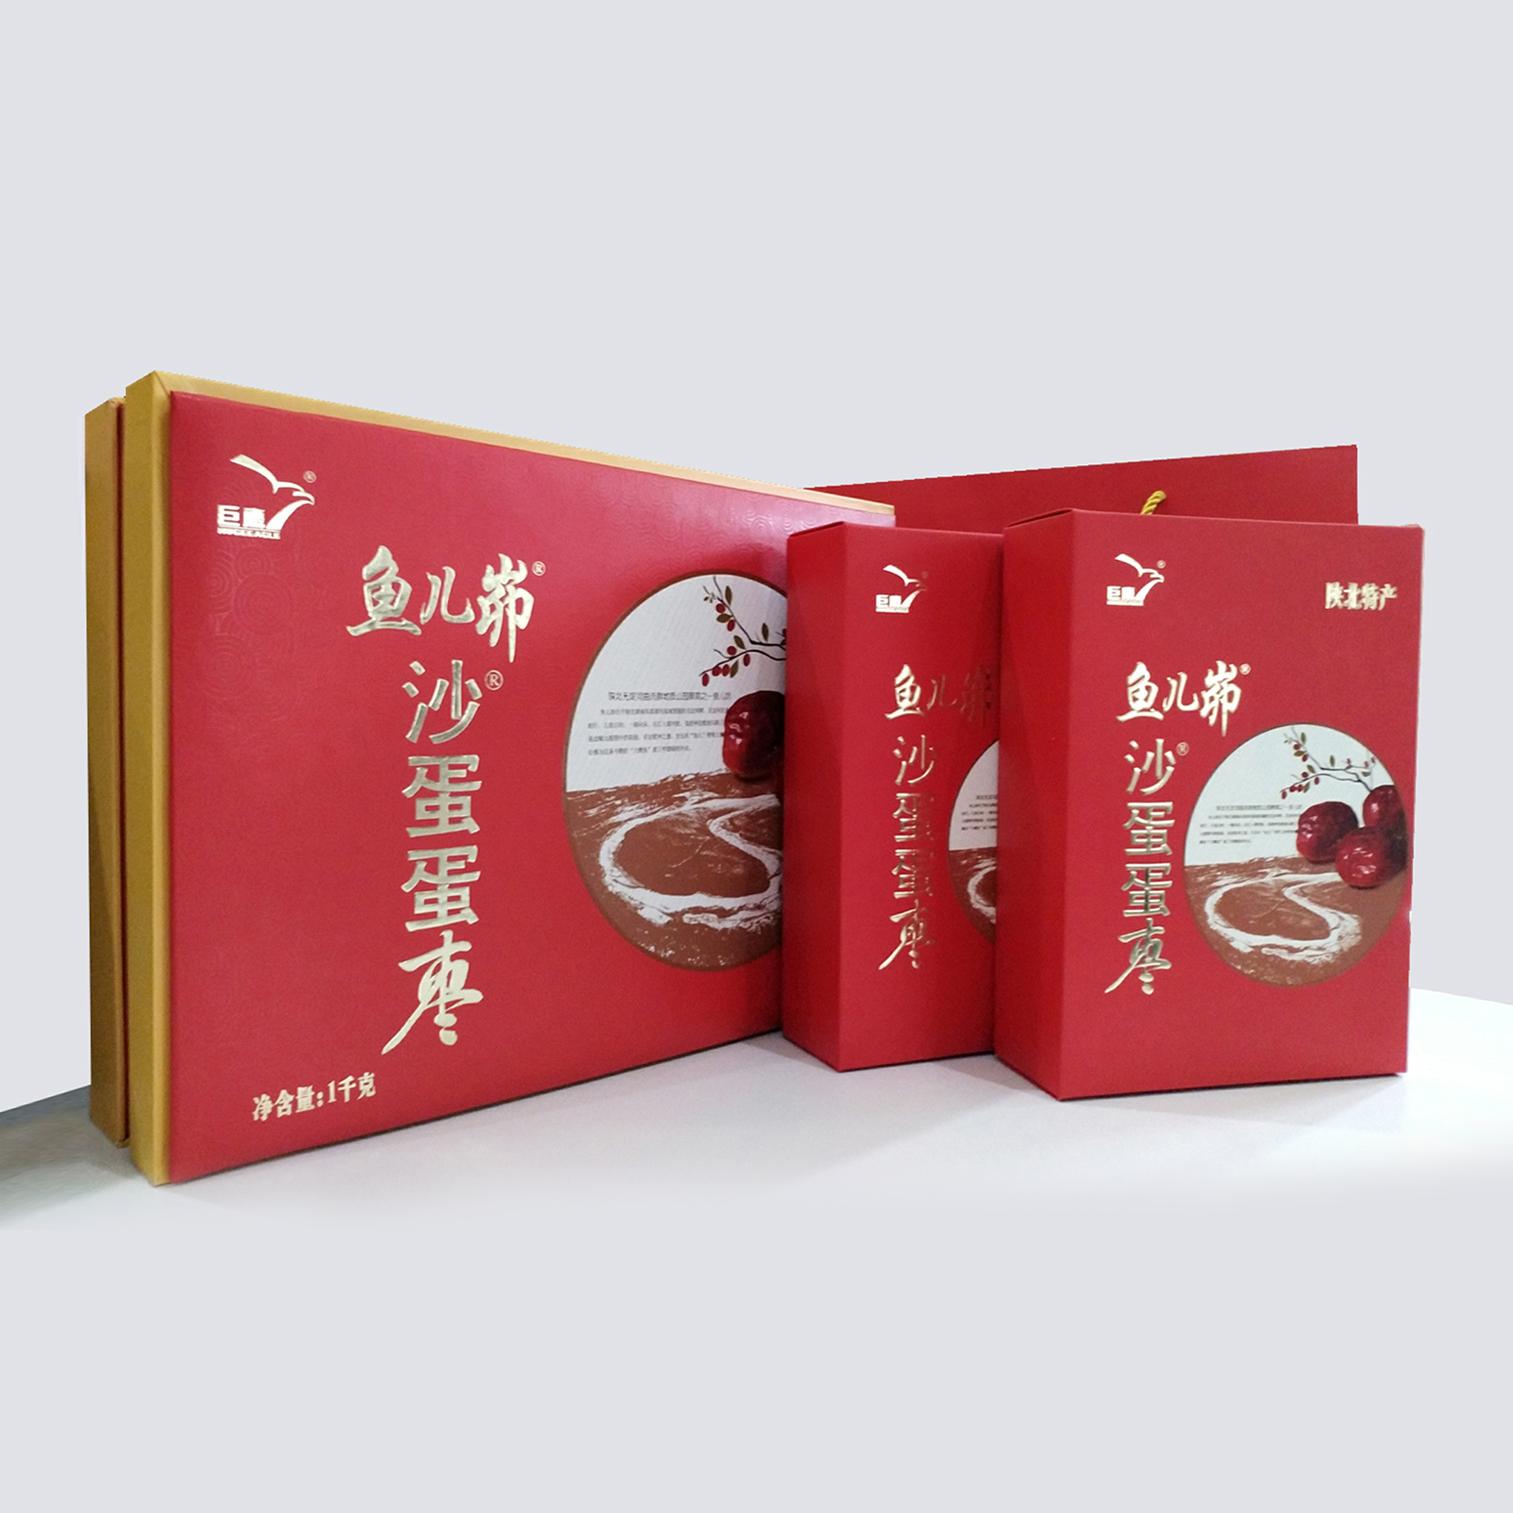 巨鹰特产礼盒设计